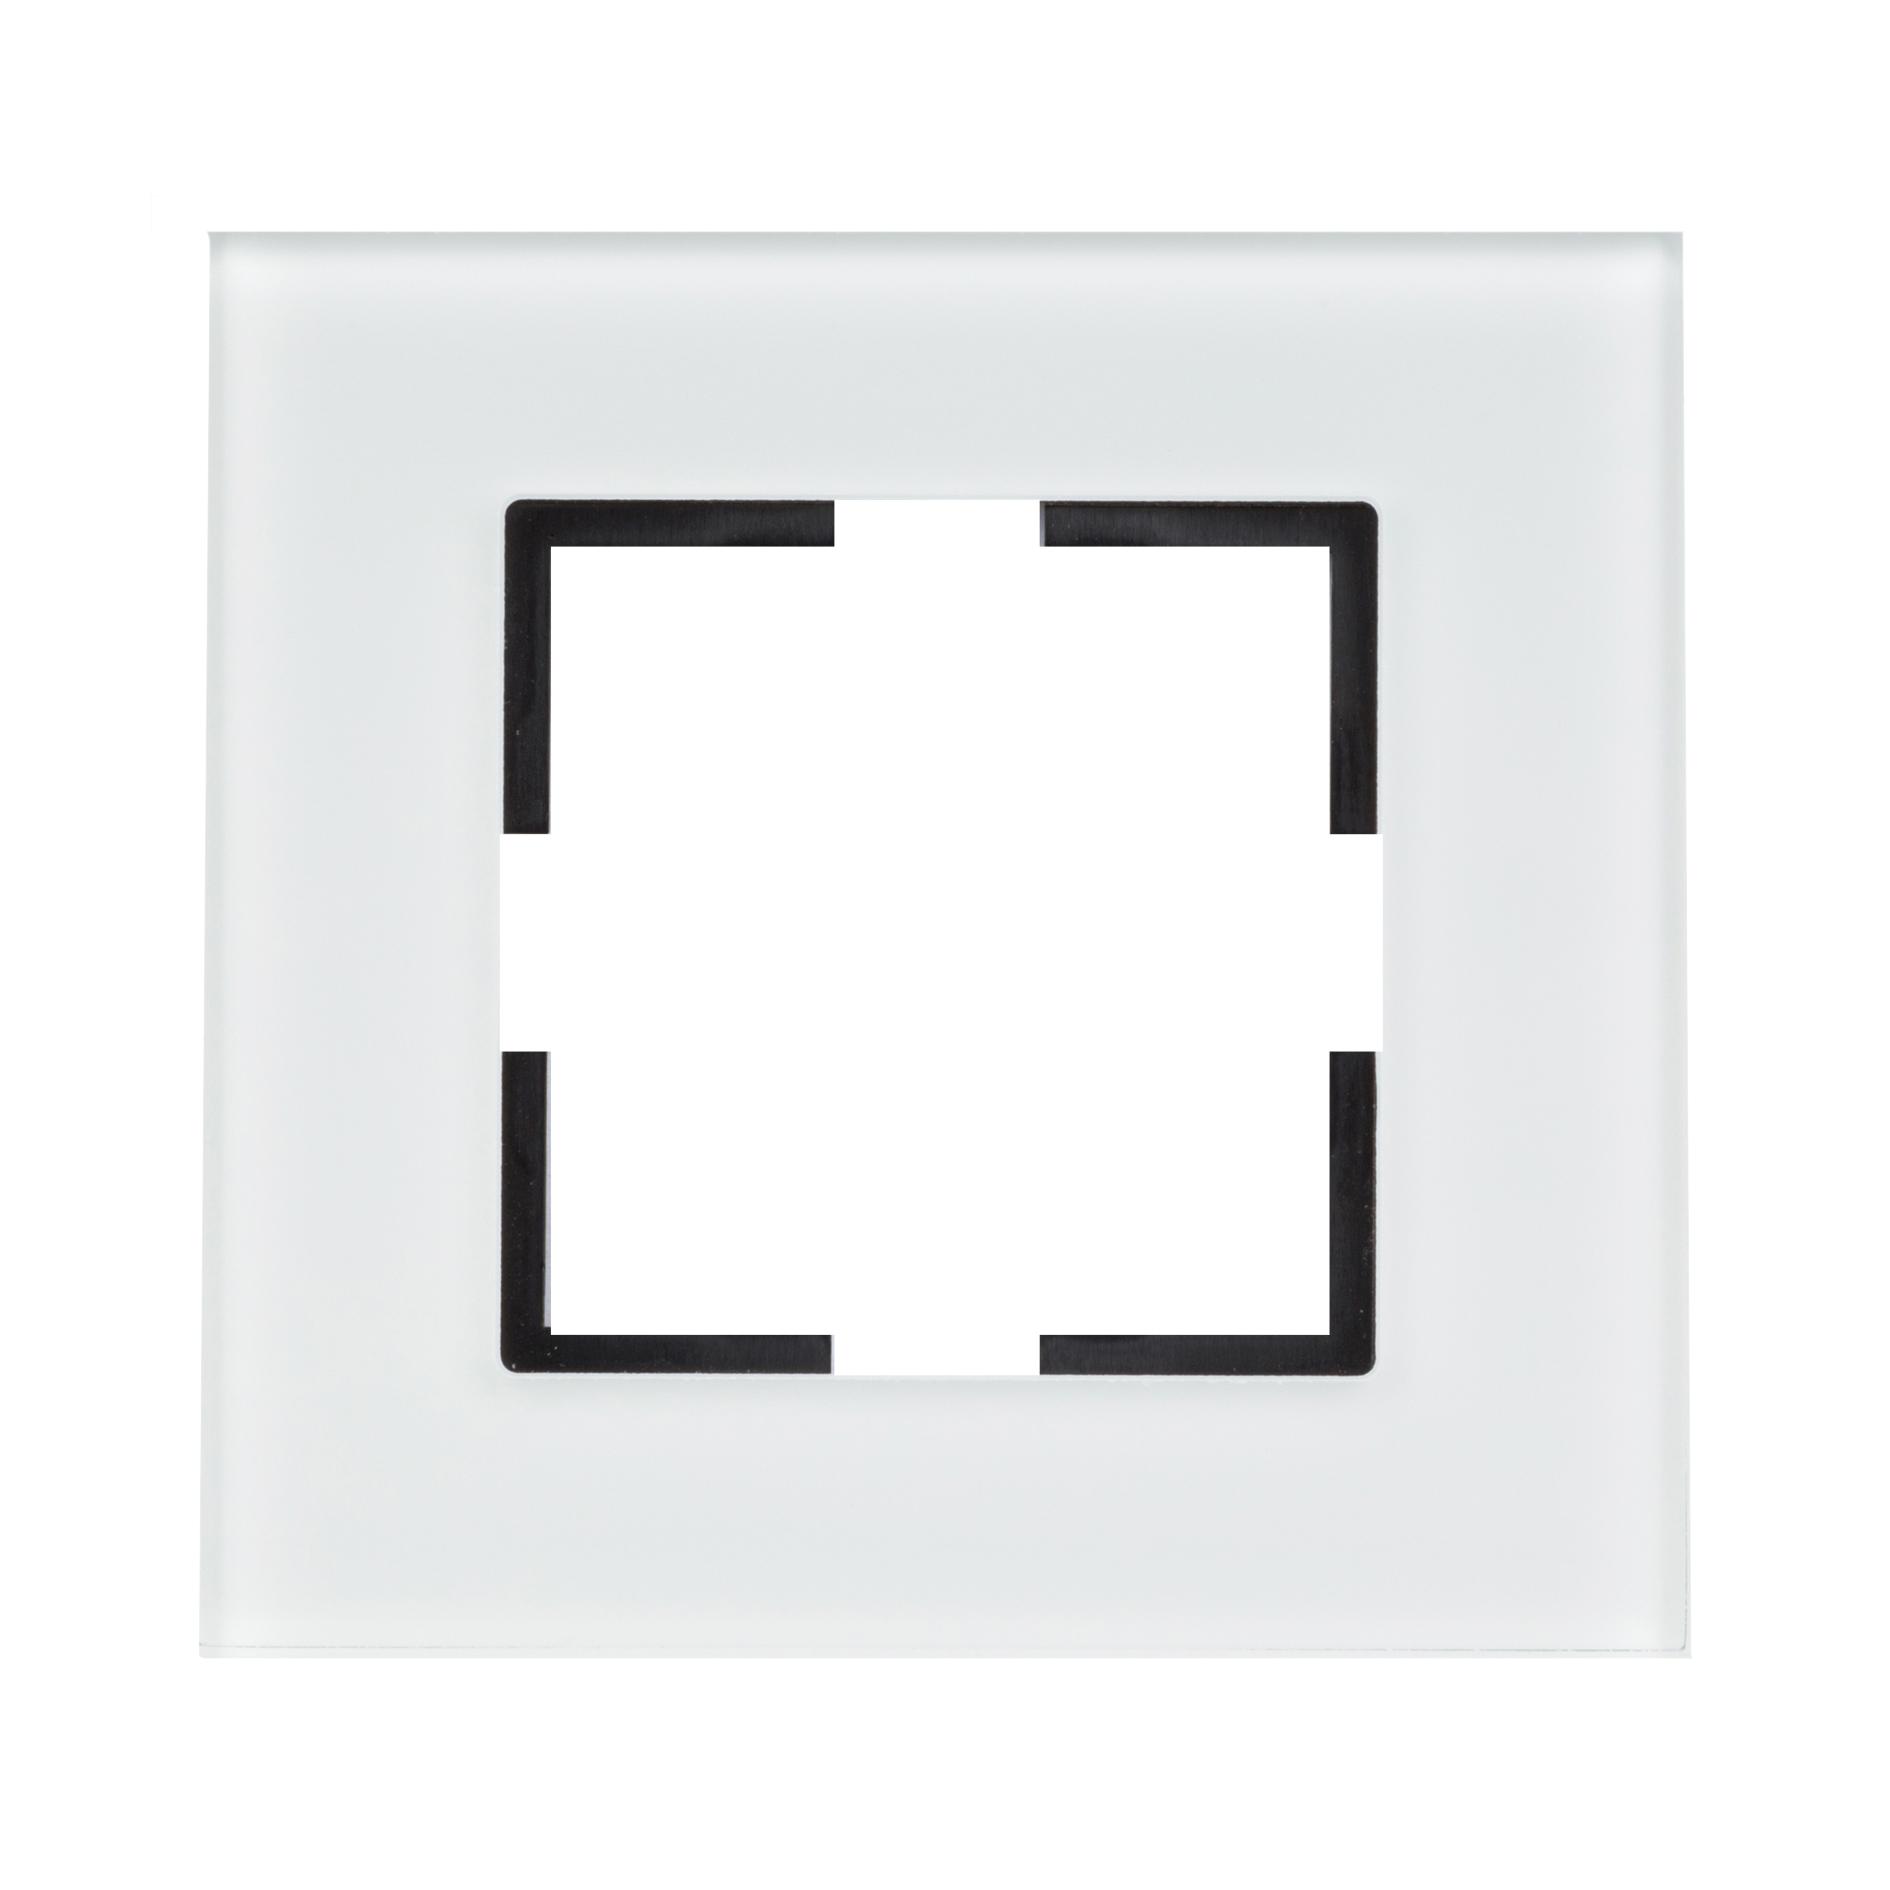 1 Stk Rahmen 1-fach, Glas weiß EV145001W-